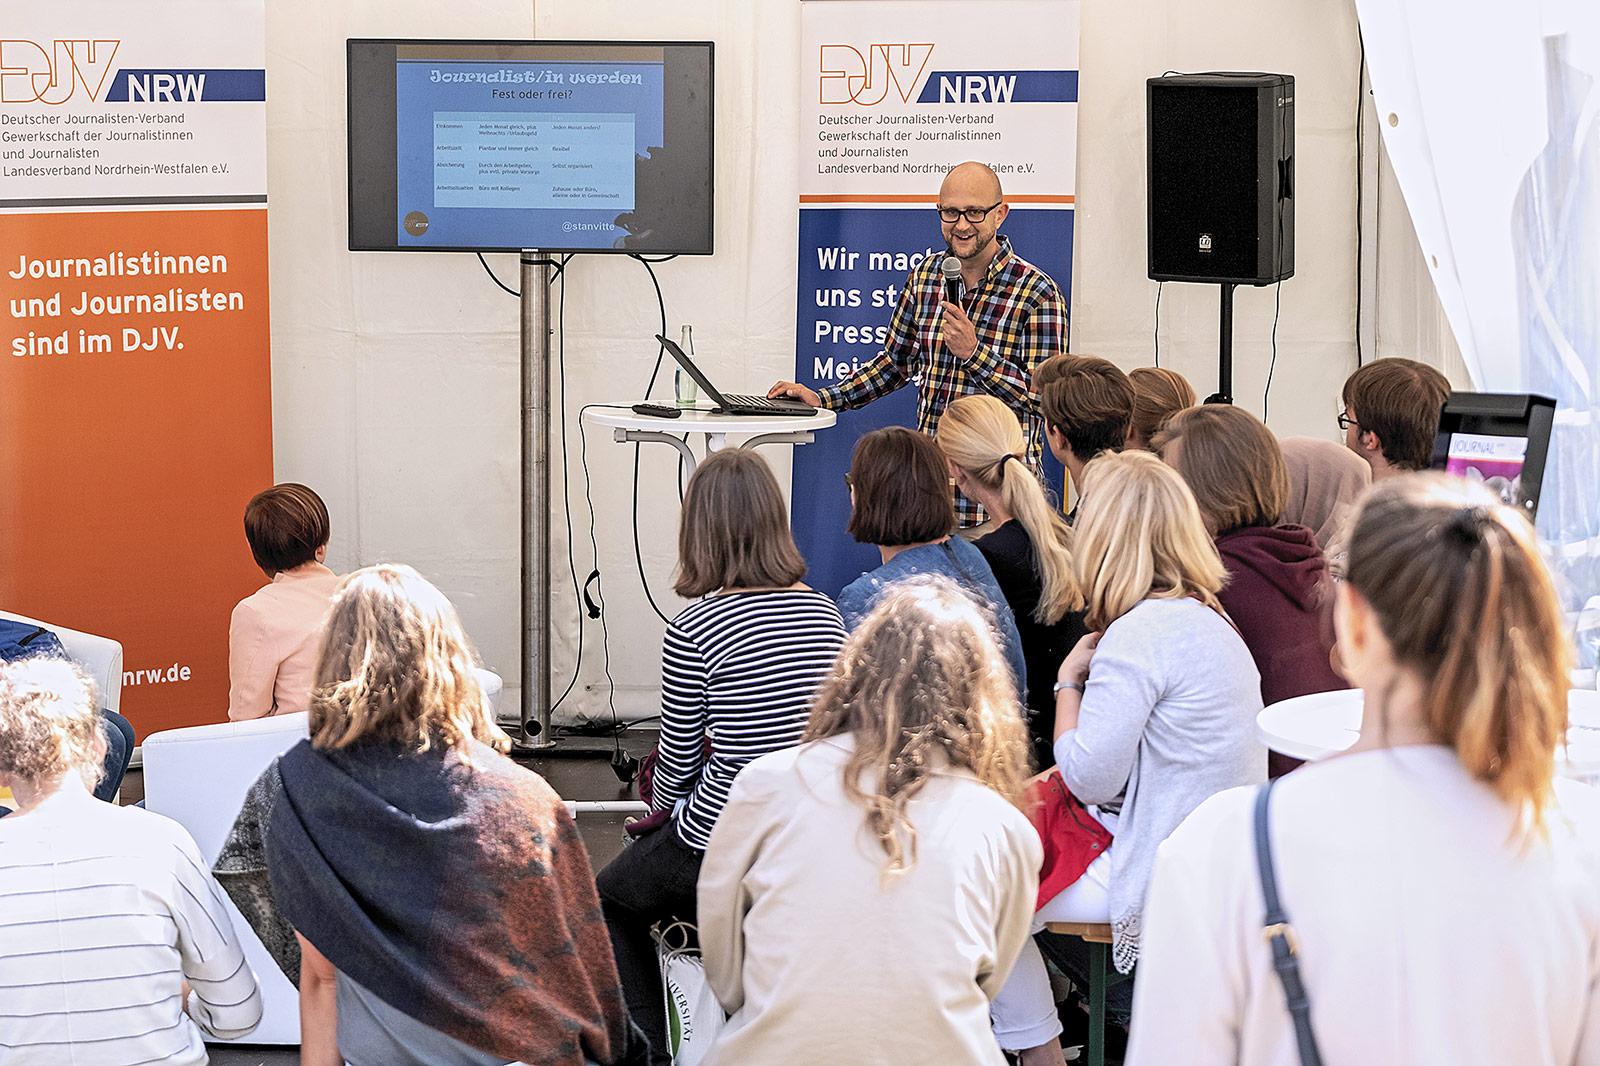 Tipps für den Einstieg in den Beruf gab es von Stanley Vitte, dem Hochschulbeauftragten des DJV-NRW.   Foto: Alexander Schneider